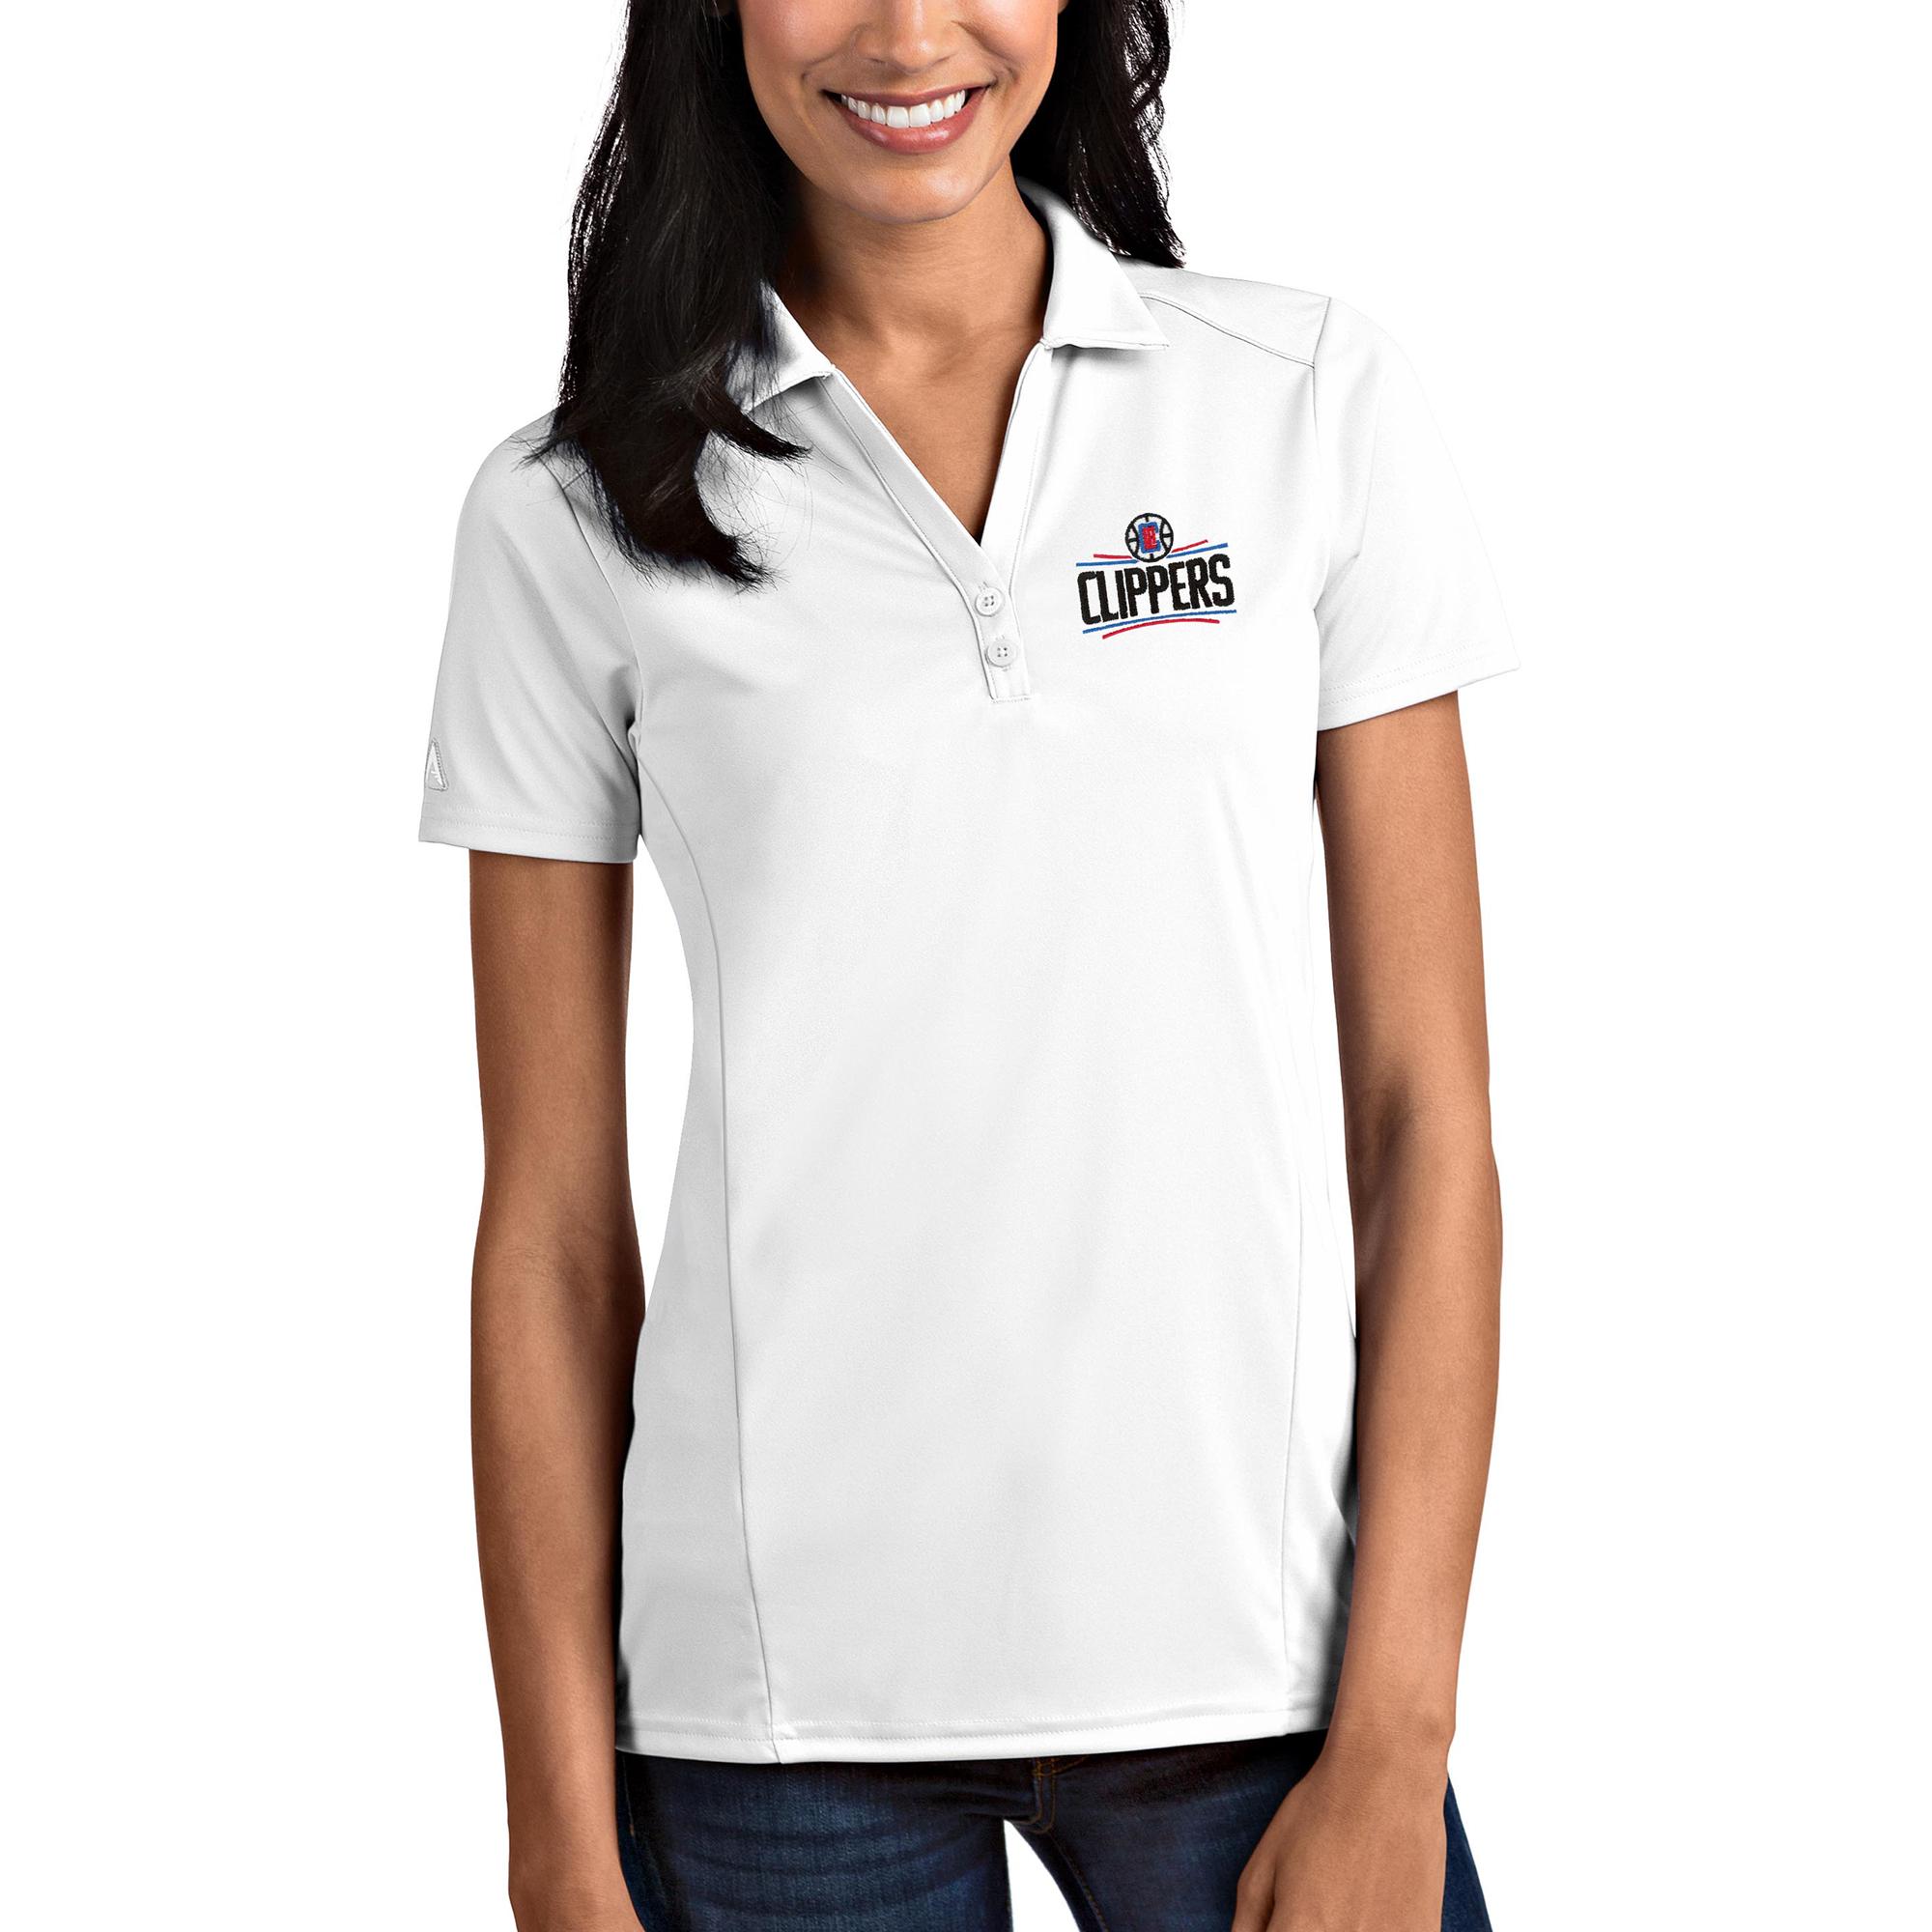 LA Clippers Antigua Women's Tribute Polo - White